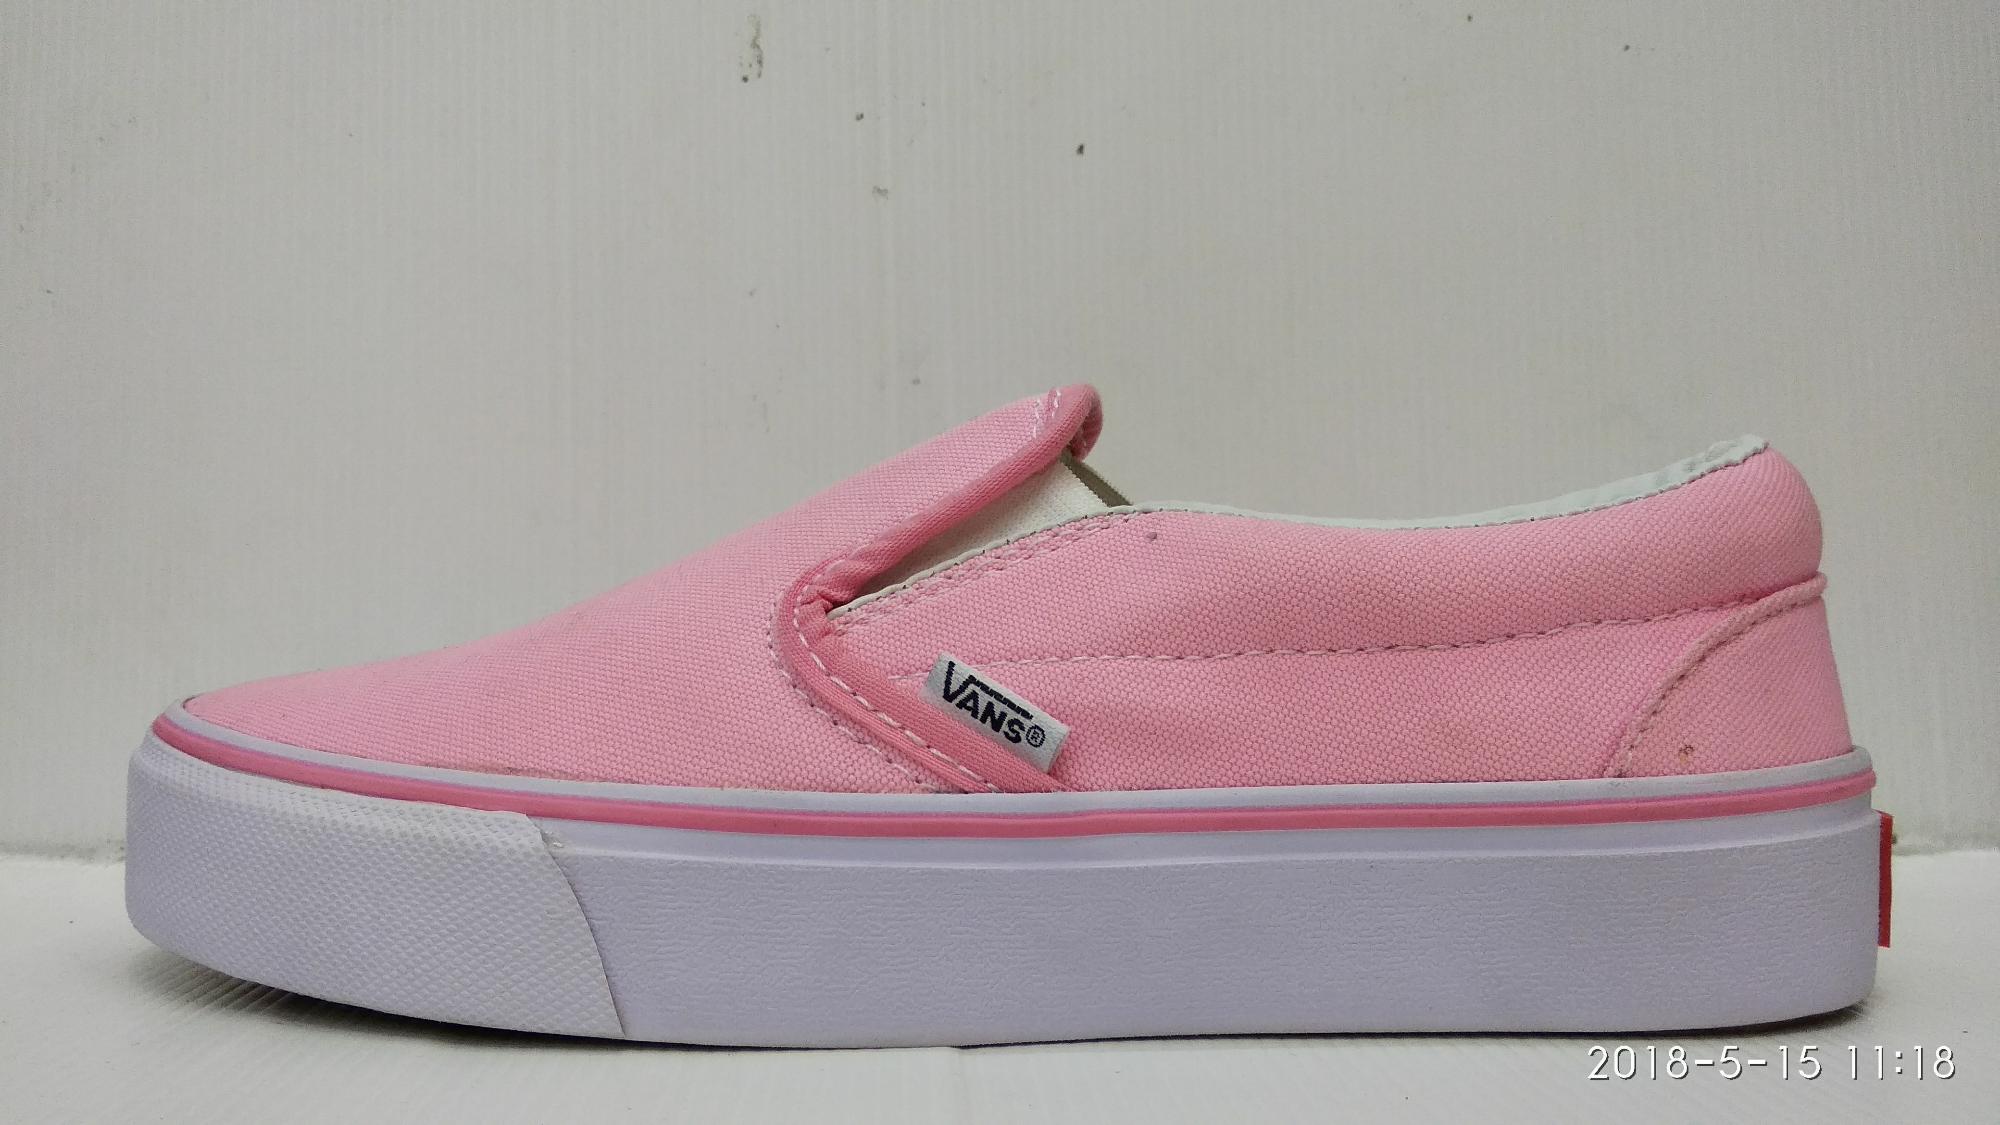 Terlaris Sepatu Wanita Boots Sapi Sbo308 Daftar Harga Terbaru Dan E Pb34